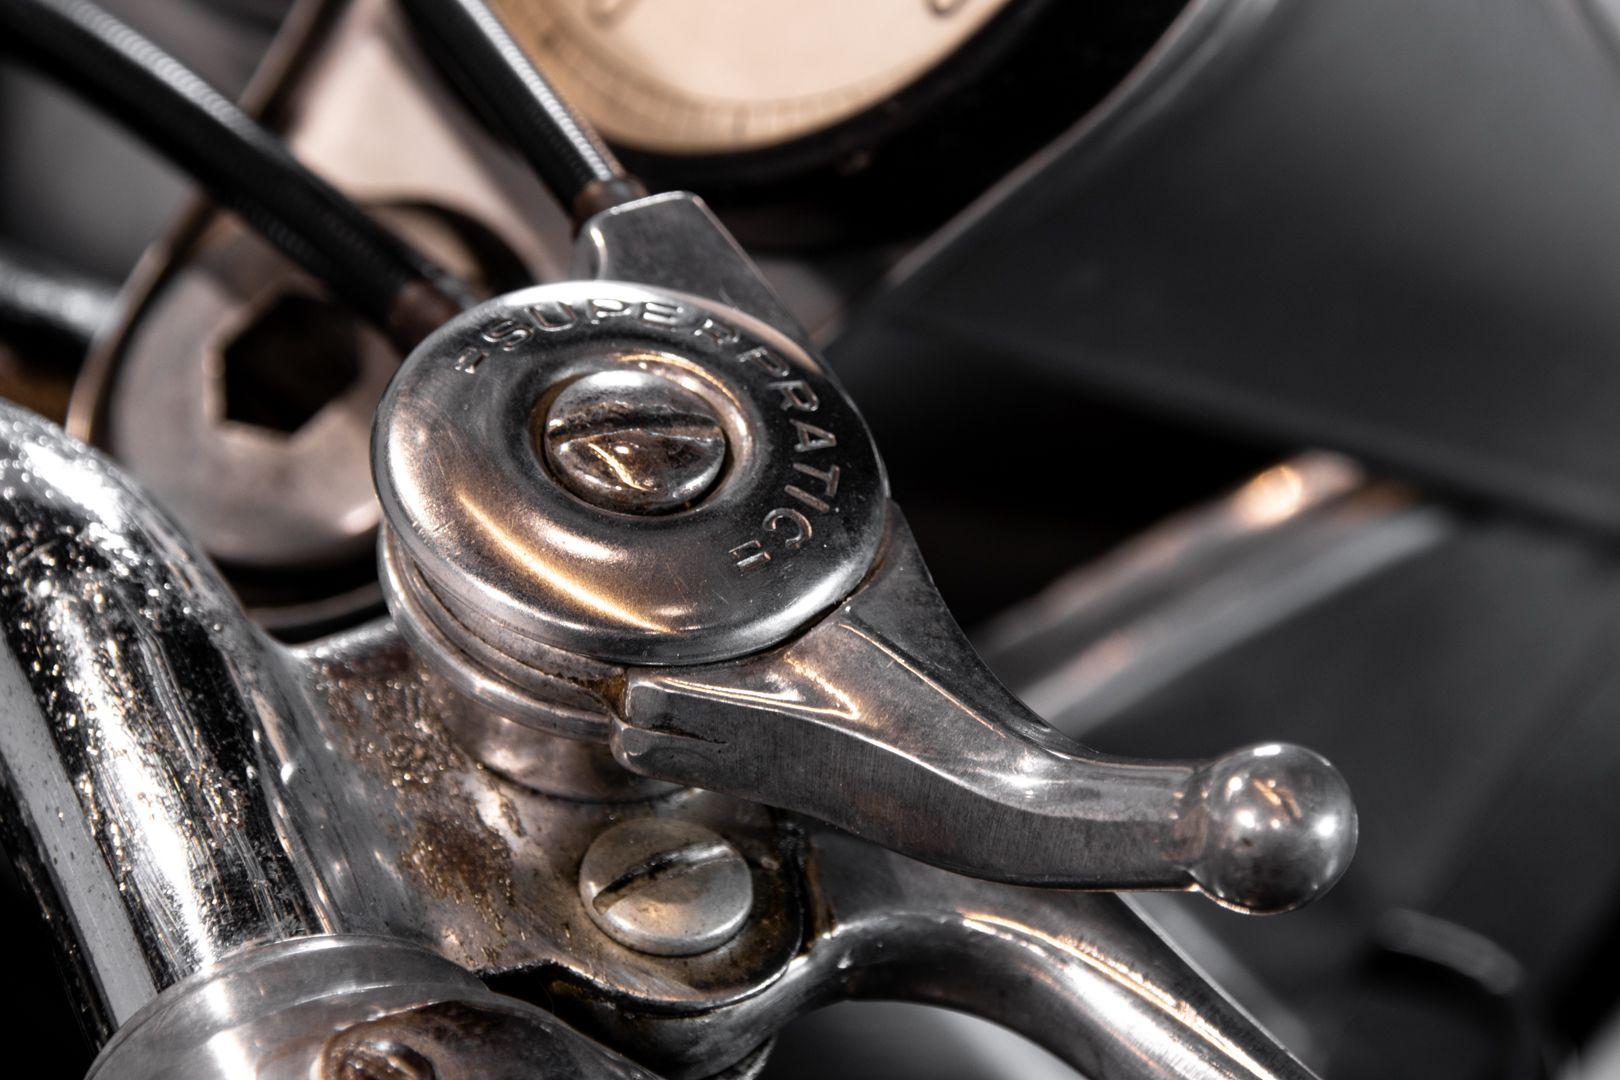 1969 DUCATI MECCANICA 250 GT 68994